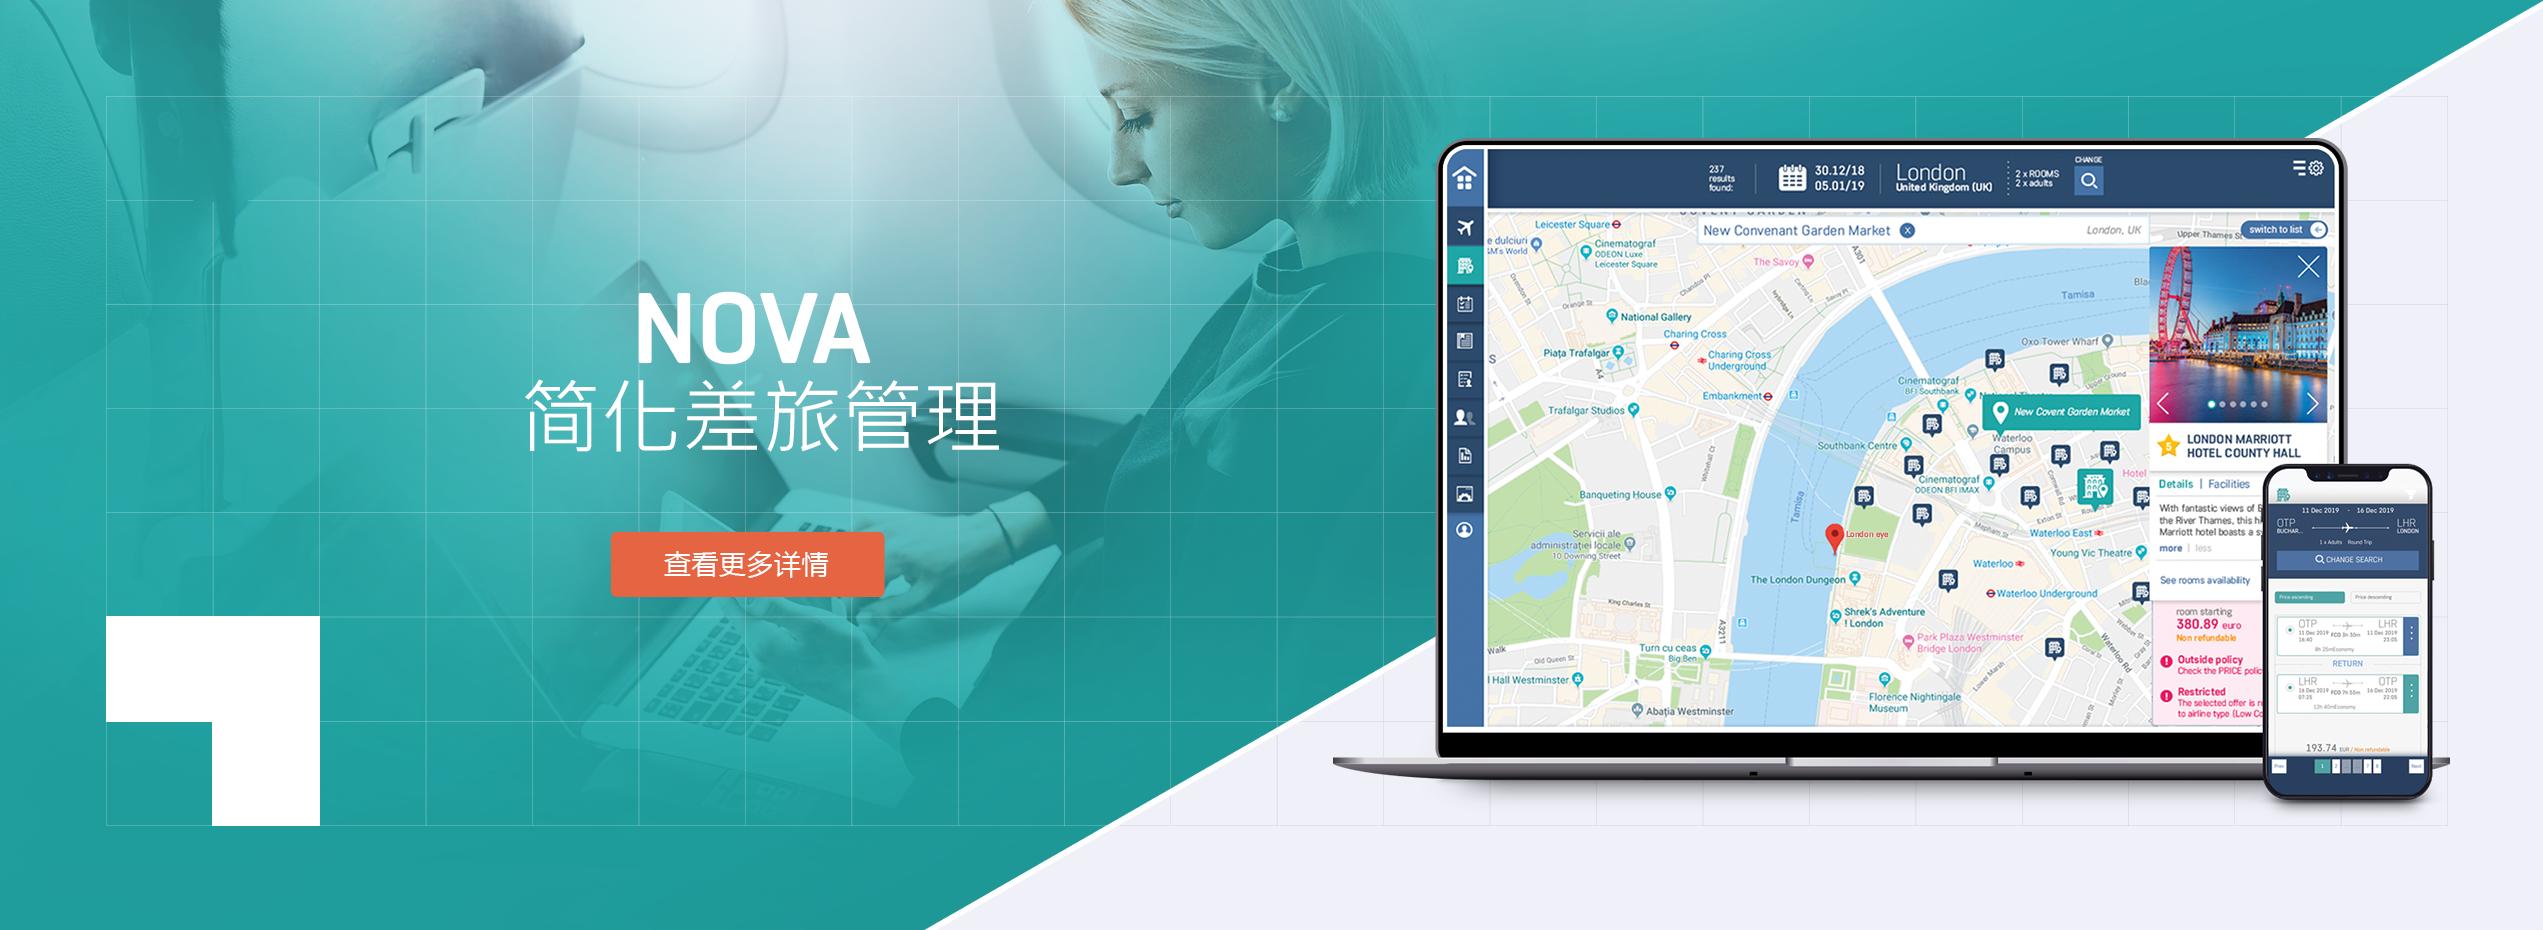 NOVA Online Booking Tool